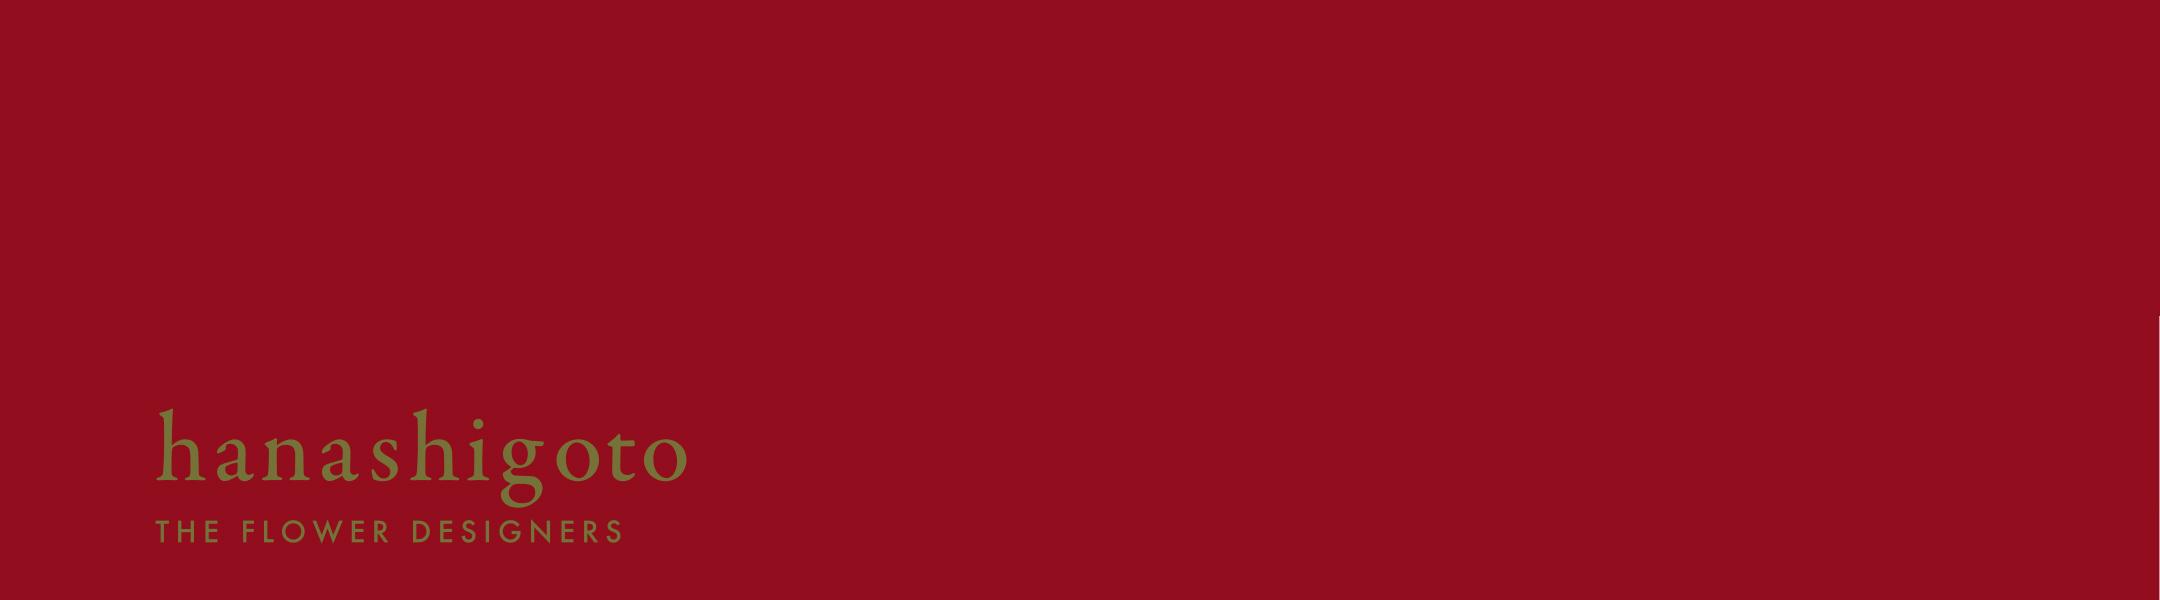 静岡富士富士宮プリザーブドフラワーショップ スクールハナシゴト-hanashigoto-